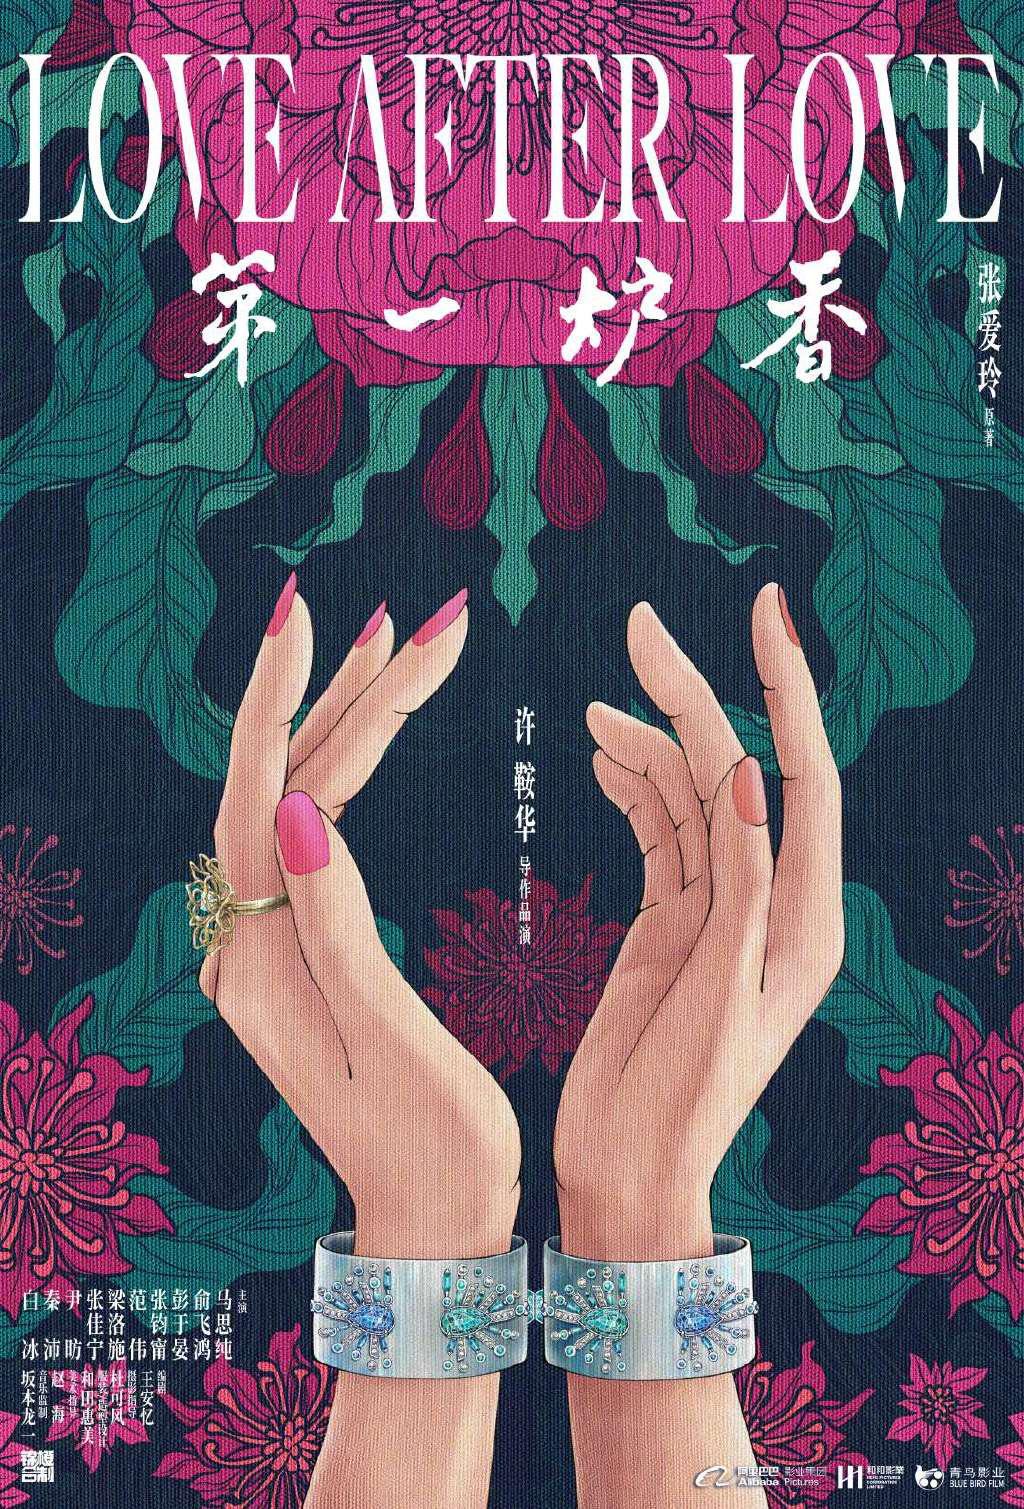 许鞍华荣膺威尼斯片子节终身成绩奖 赵薇发文祝贺